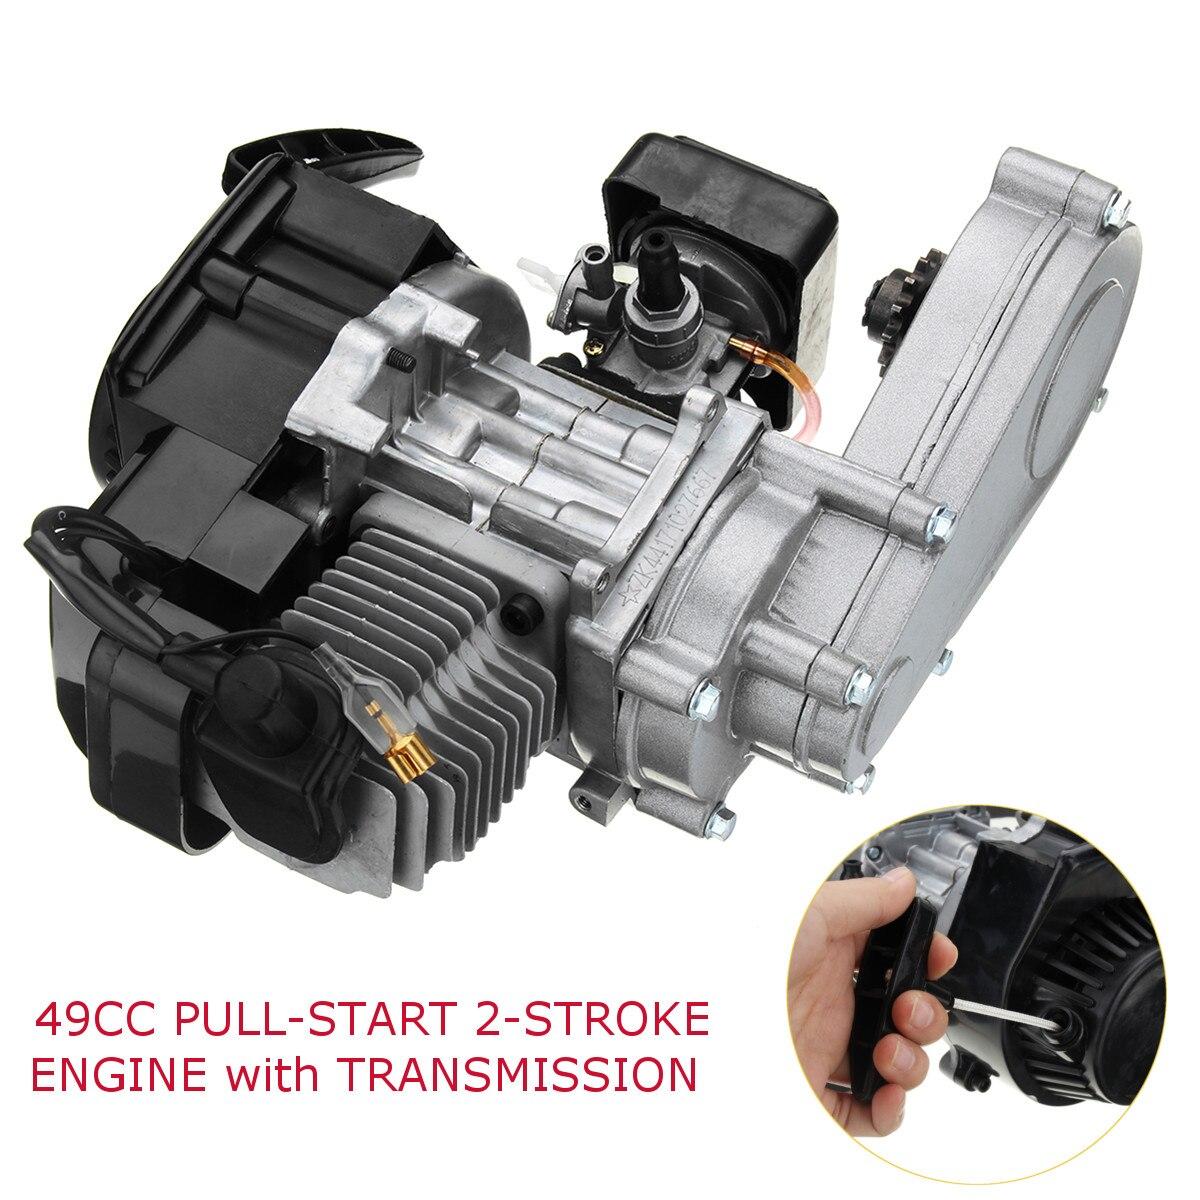 Moteur 49cc moteur 2 temps avec Transmission pour vélo de poche Mini ATV Scooter moto